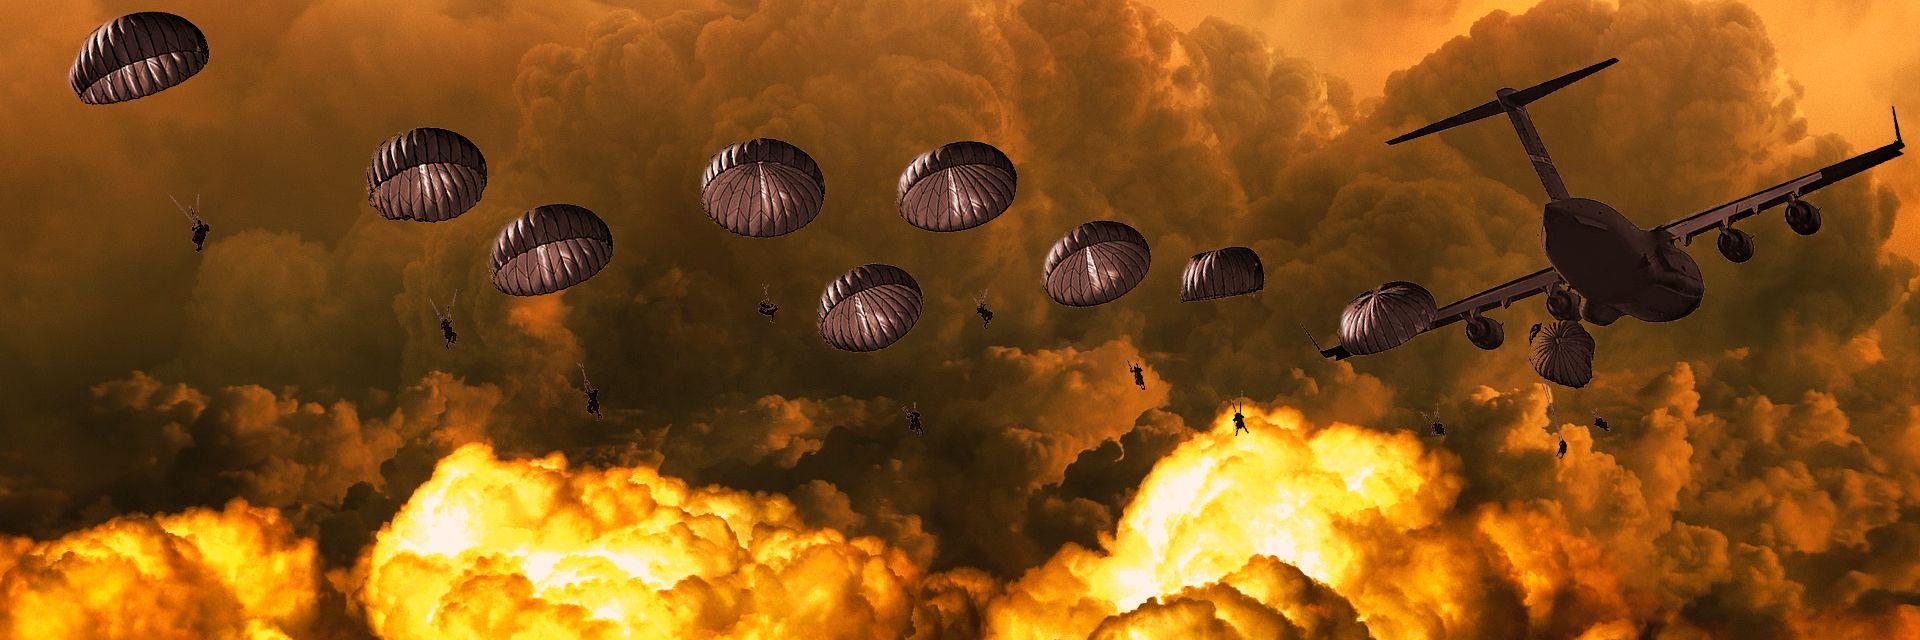 Wojskowi spadochroniarze nad terenem eksplozji - kolaż